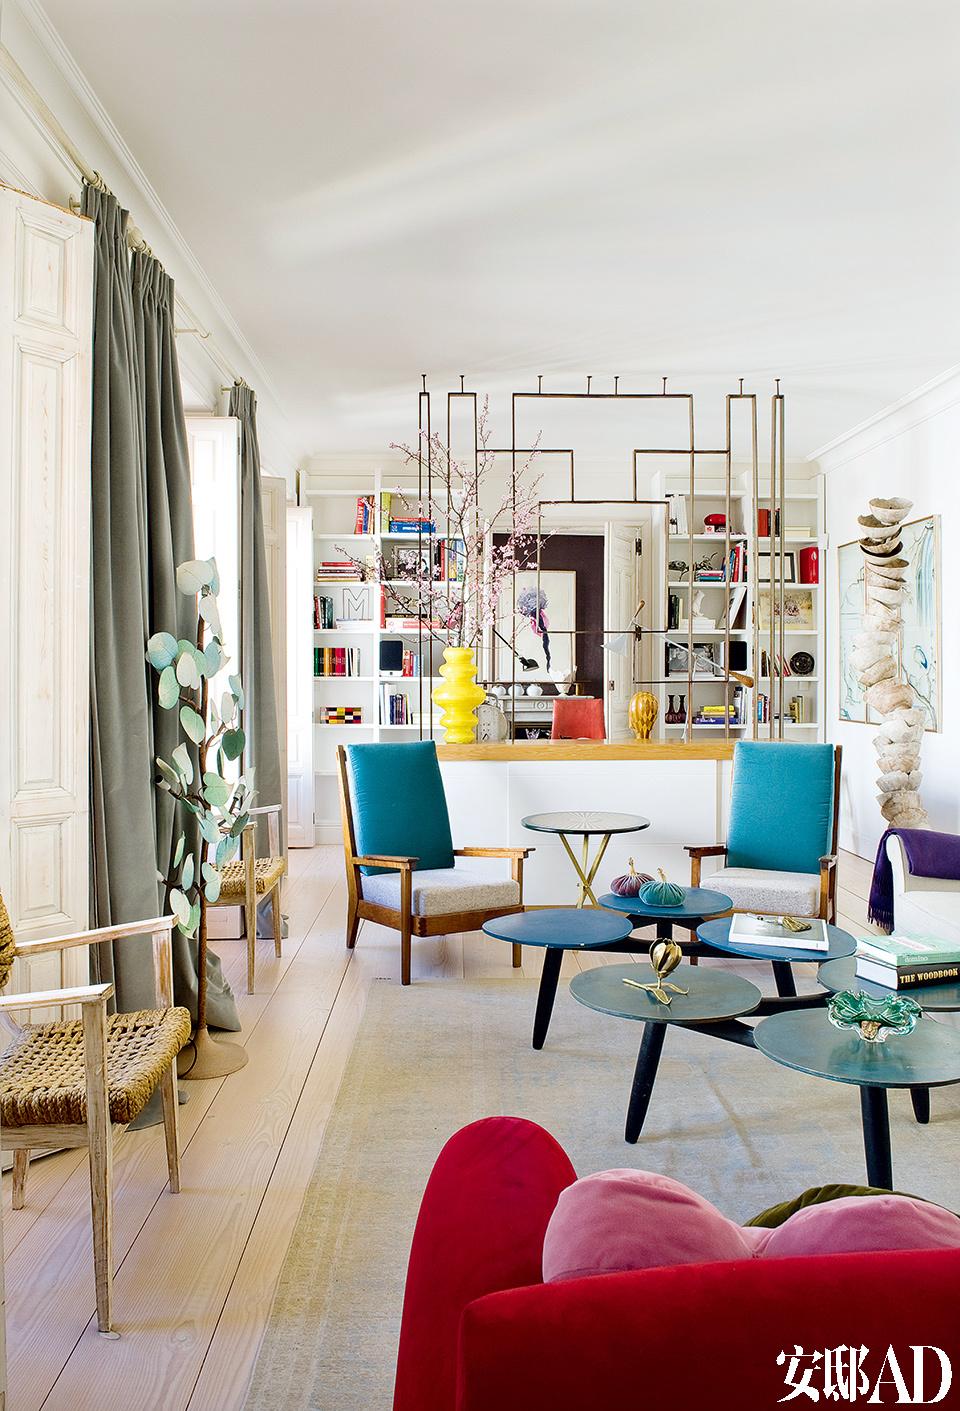 在这个白色盒子似的空间里,注入主人多年来从各处搜寻的家具与装饰品,就像一种记忆的留驻。从另一个角度看过去的客厅,两把在Jon Urgoiti购买的绳编椅中间是一盏在Los Gusano购买的树造型的落地灯。右边,矗立着在Jon Urgoiti购买的Clara Graziolino的雕塑作品。